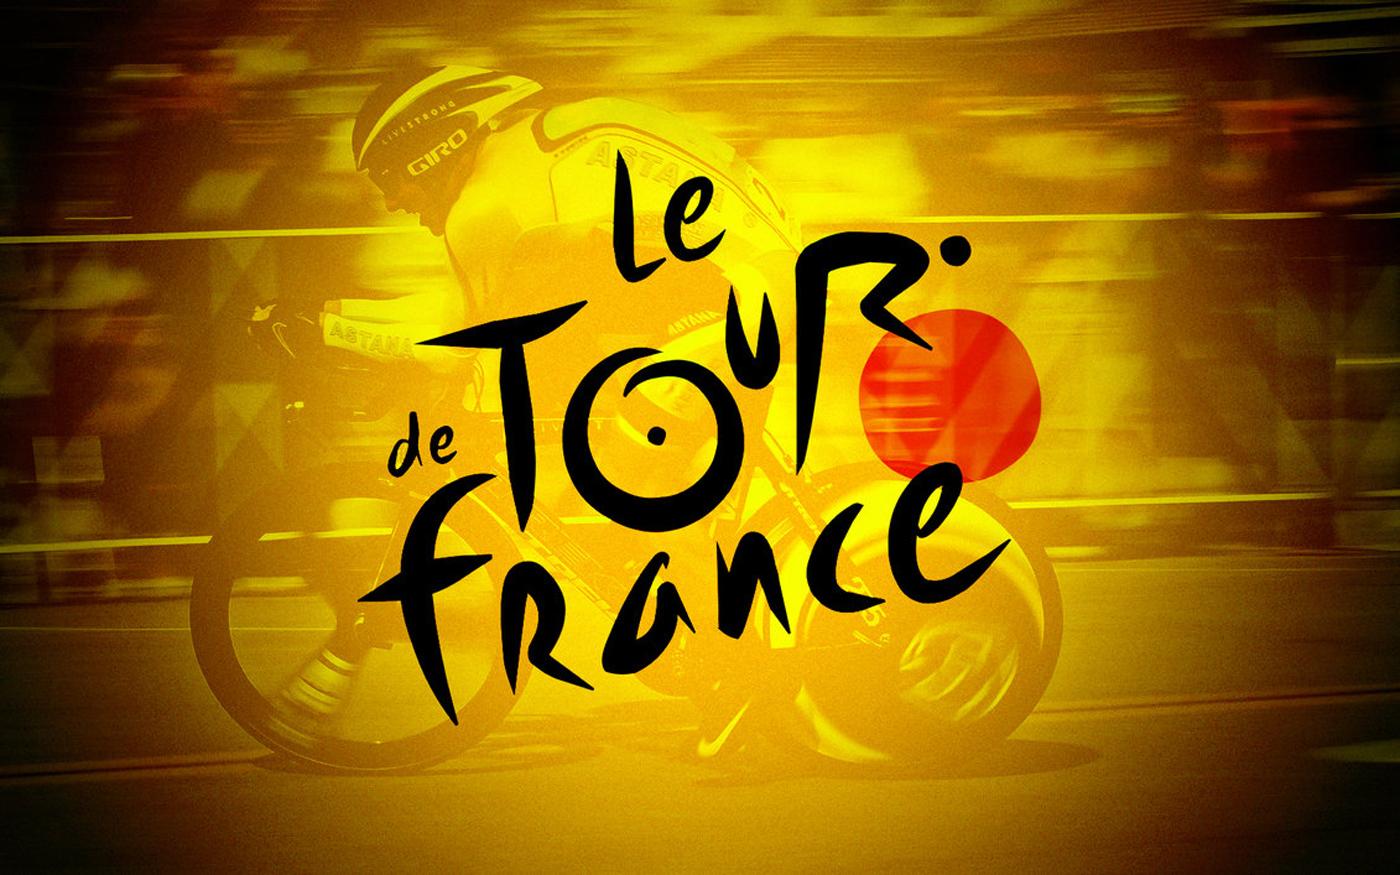 http://1.bp.blogspot.com/-gGPL5Z3jGWw/T-7JL5D3DyI/AAAAAAAAA2w/ZtVhrNkYFKg/s1600/Tour_de_France_Wallpaper_by_JohnnySlowhand1.jpg